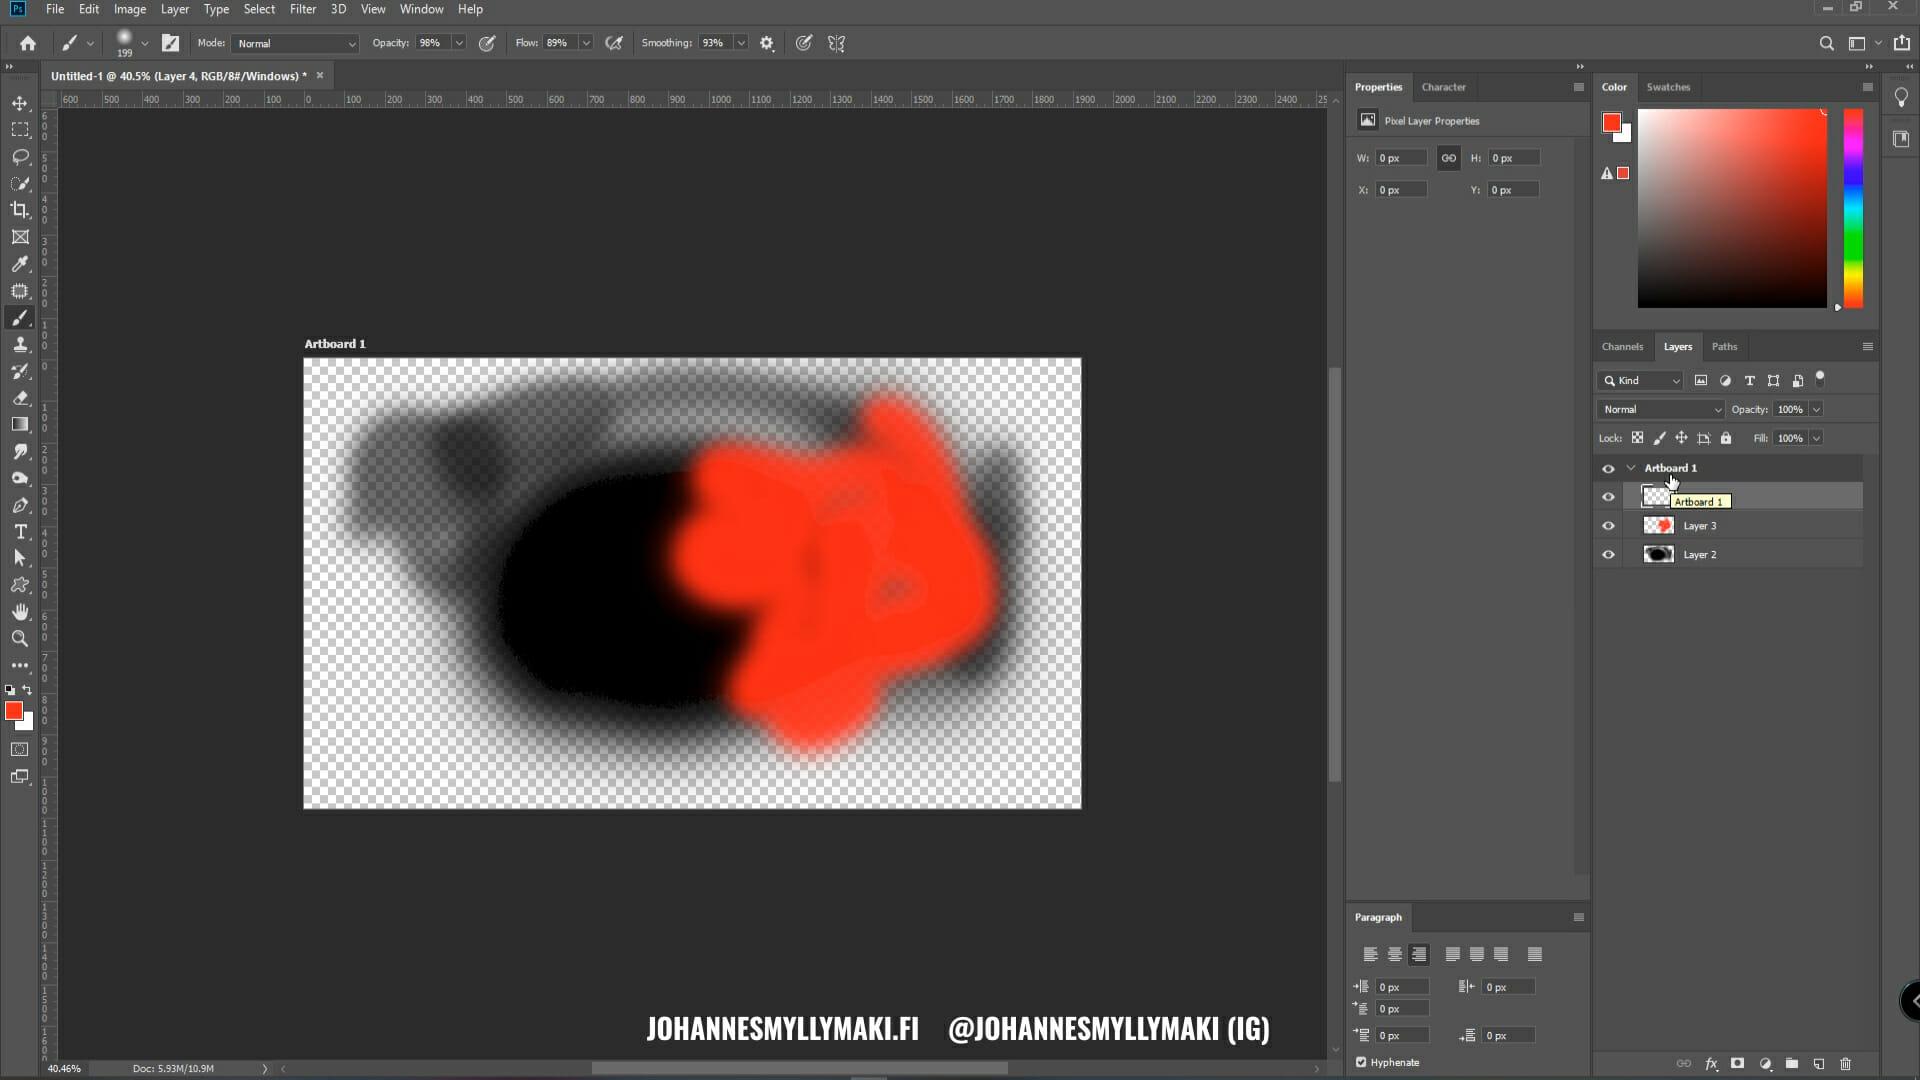 Kuvankäsittelyohjelma Adobe Photoshop tasot, ominaisuudet